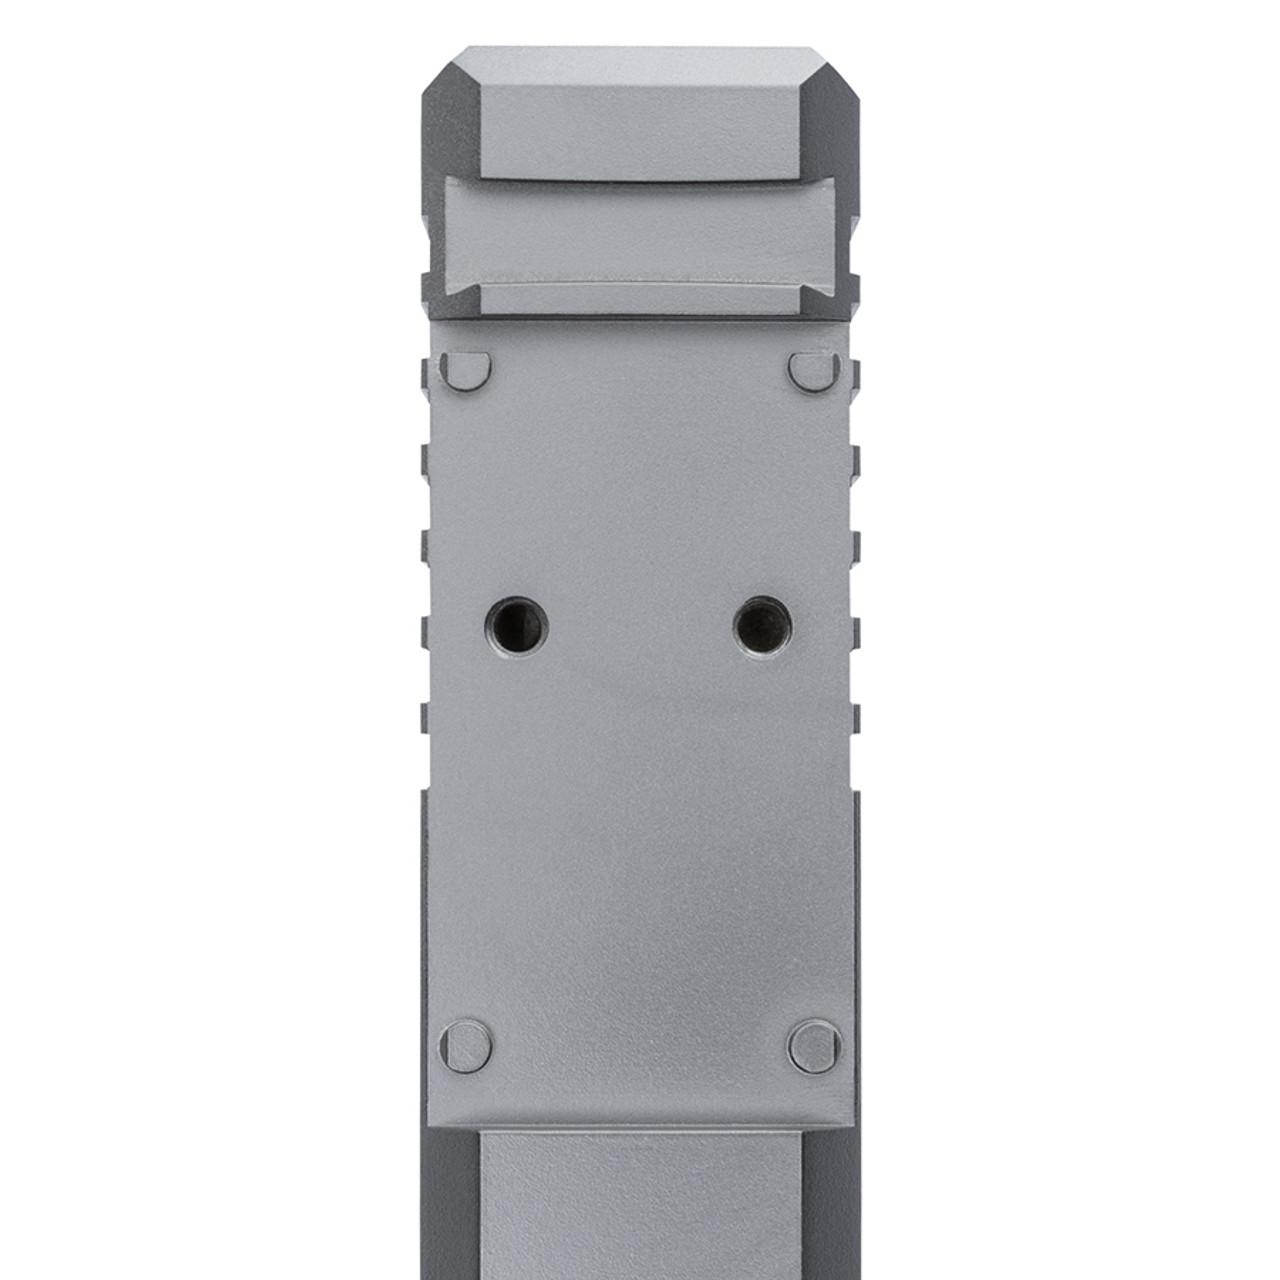 Vortex Viper Glock Optics Cuts